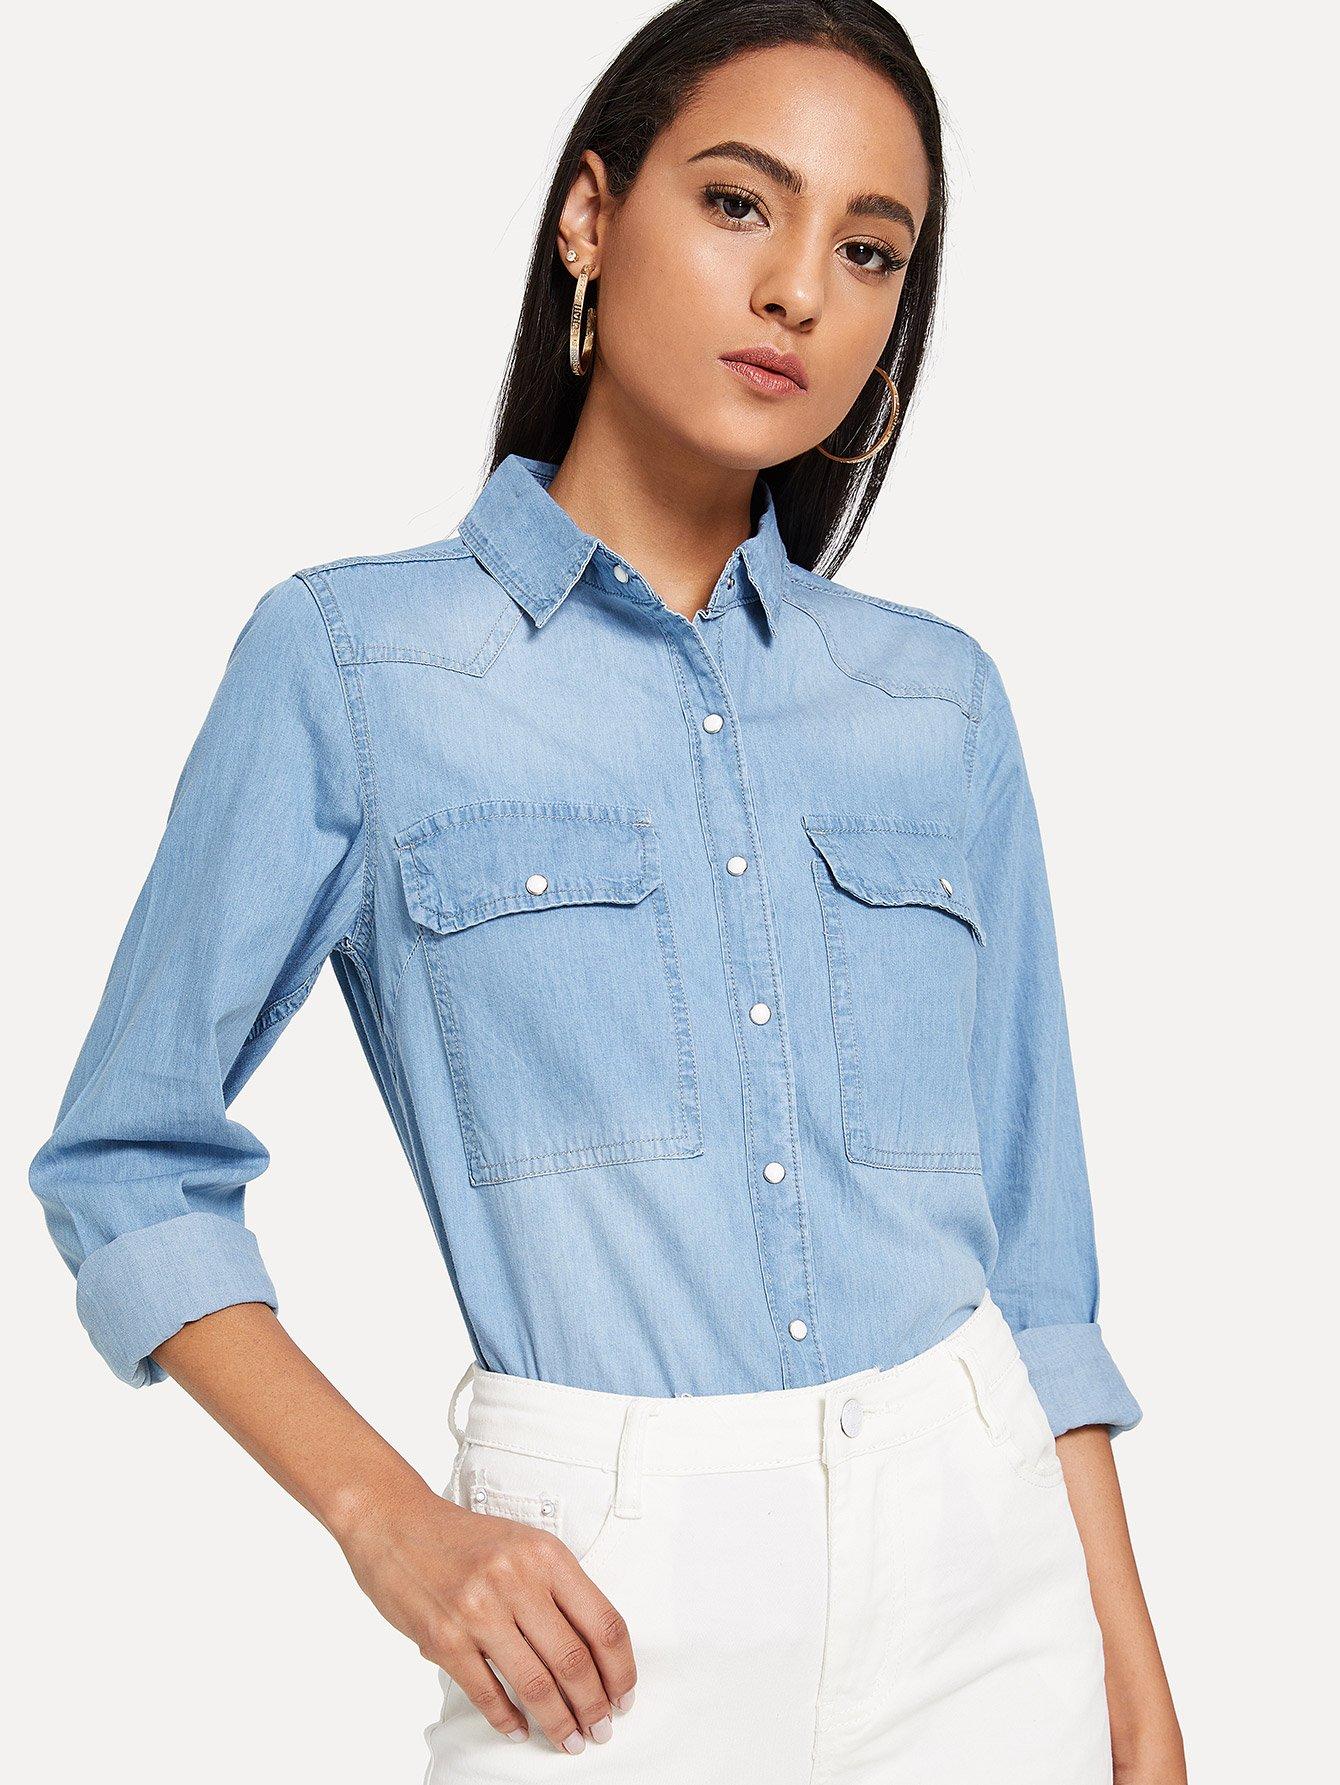 Джинсовая рубашка с двумя кармана